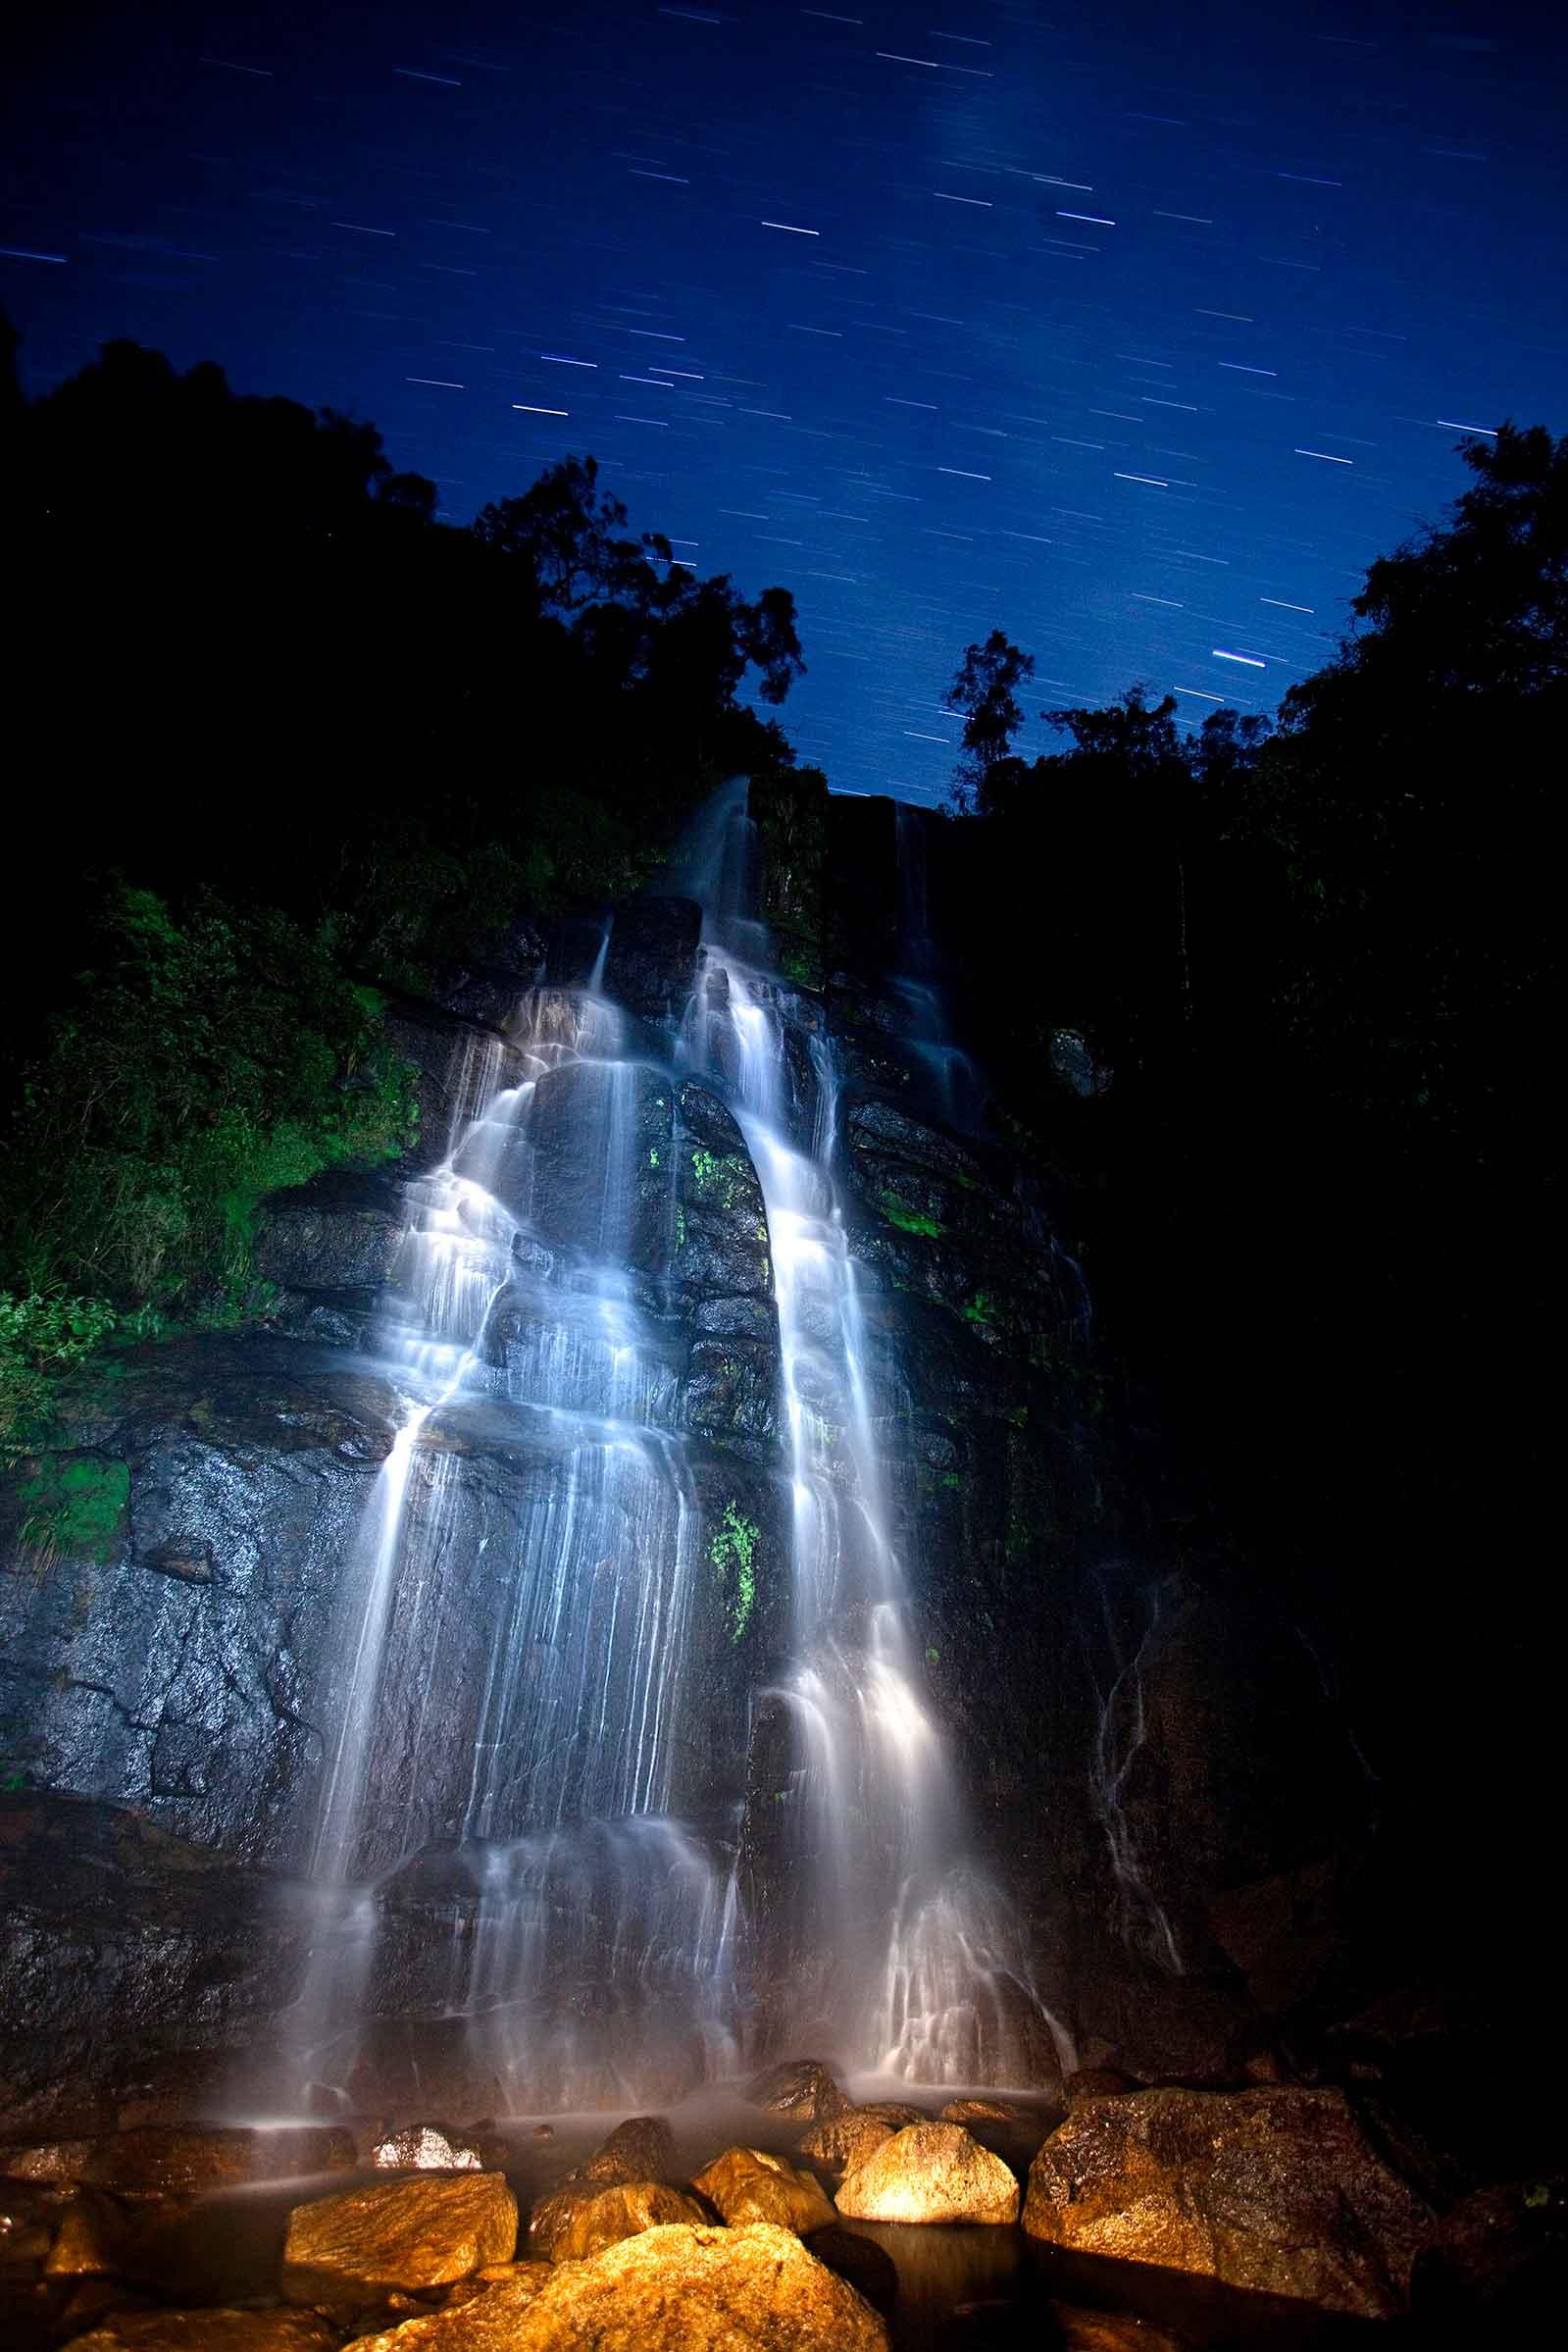 Ricardo-Martins-Mantiqueira-cachoeira-noturna-FN_000014-bx